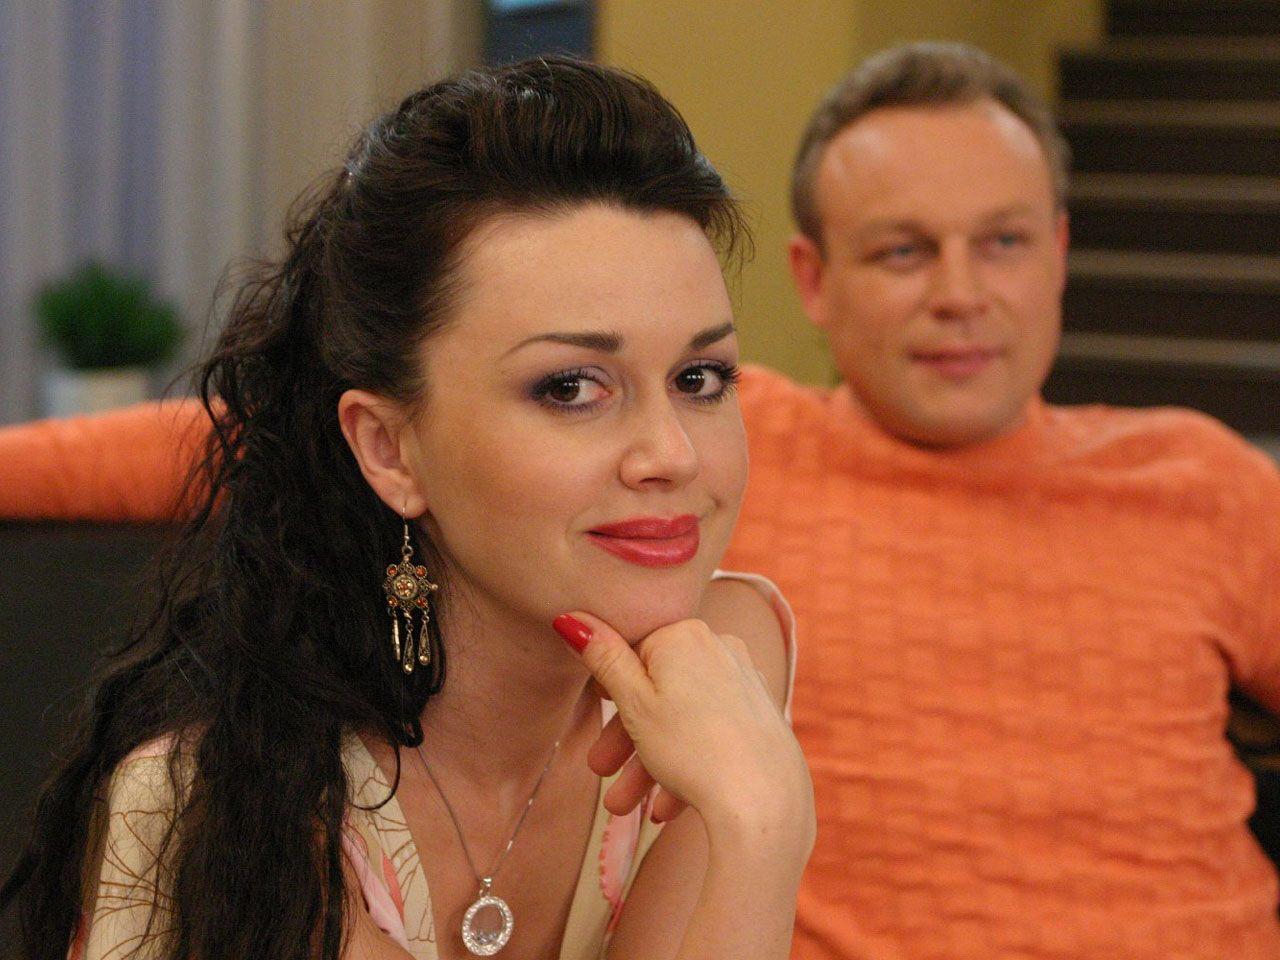 Анастасии Заворотнюк поставили смертельный диагноз: сколько осталось жить звезде – СМИ